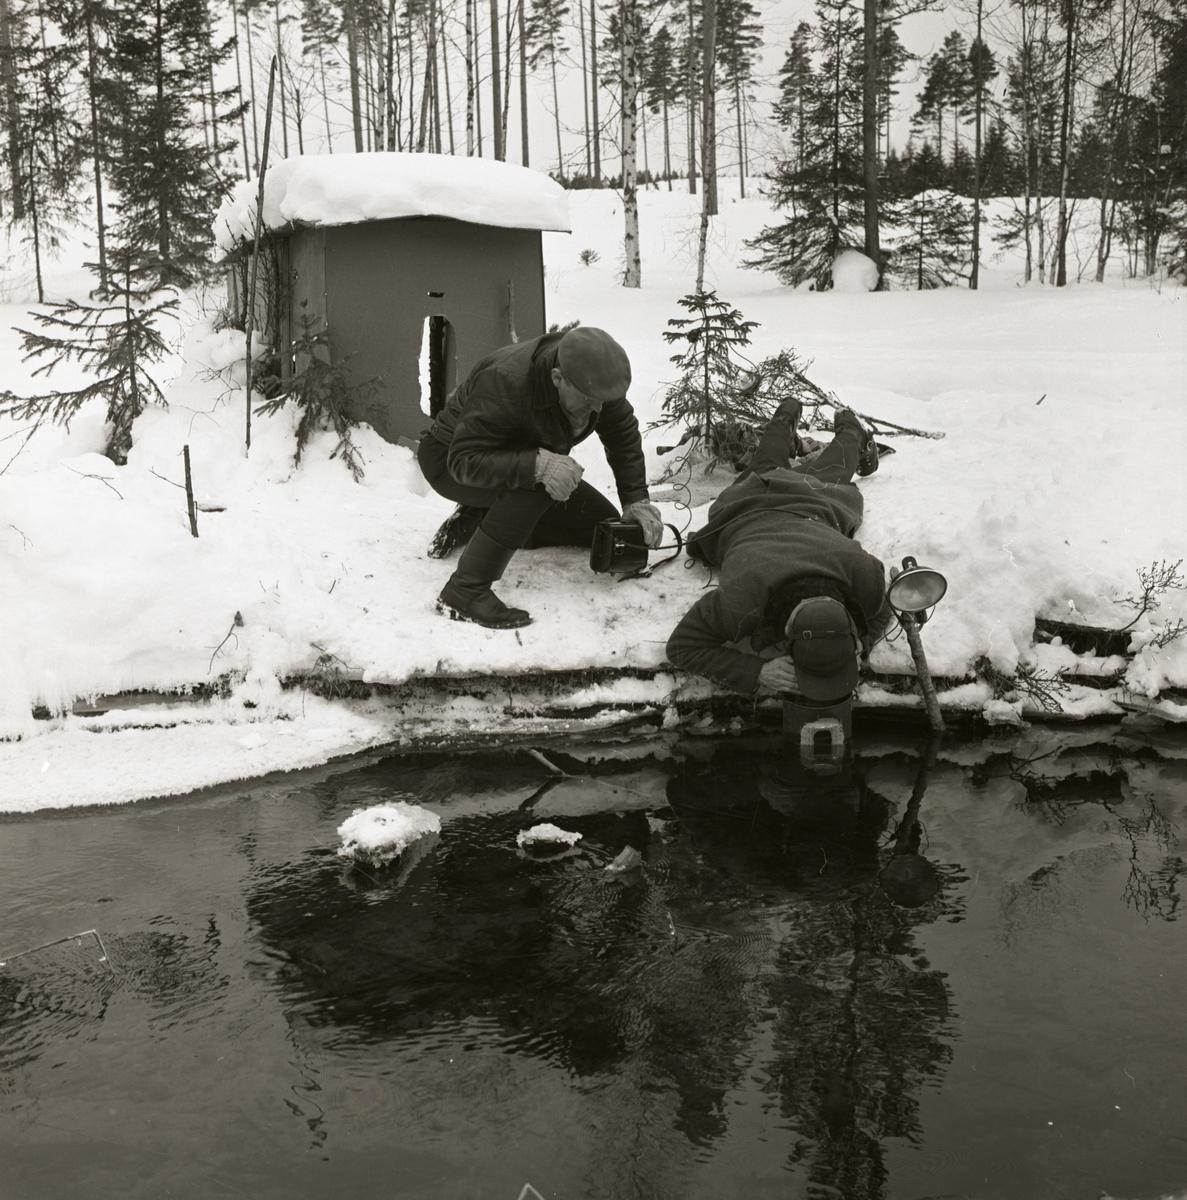 Fotografering av strömstare  vid ån mars 1962. Två män ställer i ordning kamerautrustningen. På starneden bakom dem finns ett gömsle.